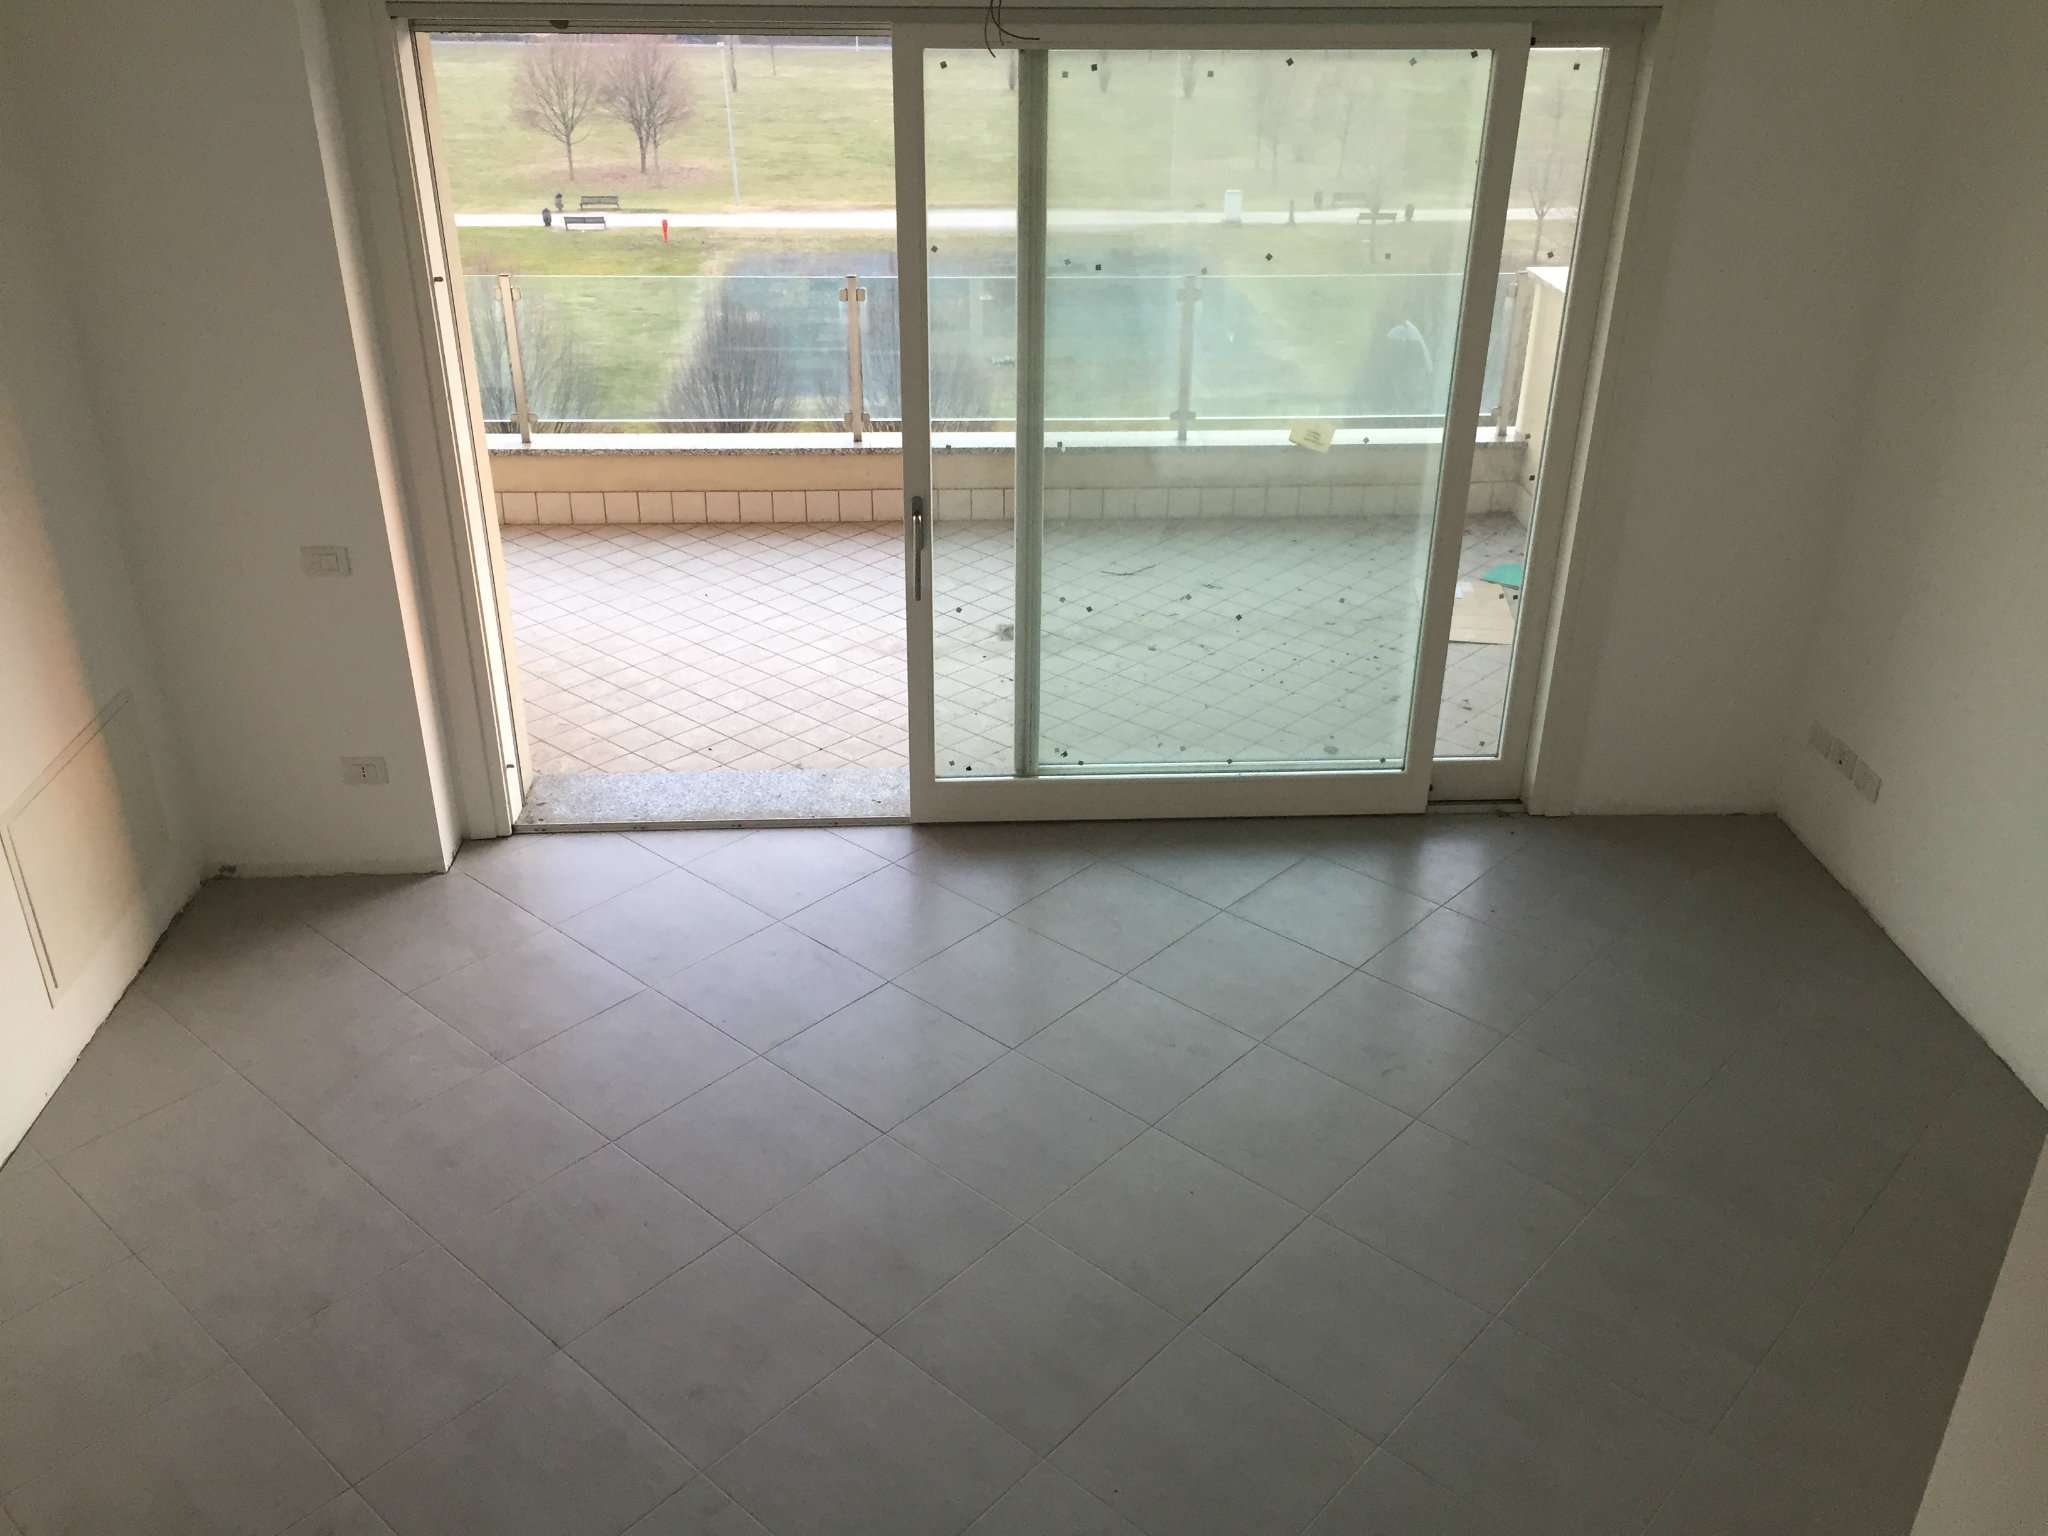 Appartamento in vendita a Cernusco sul Naviglio, 3 locali, prezzo € 328.000 | Cambio Casa.it